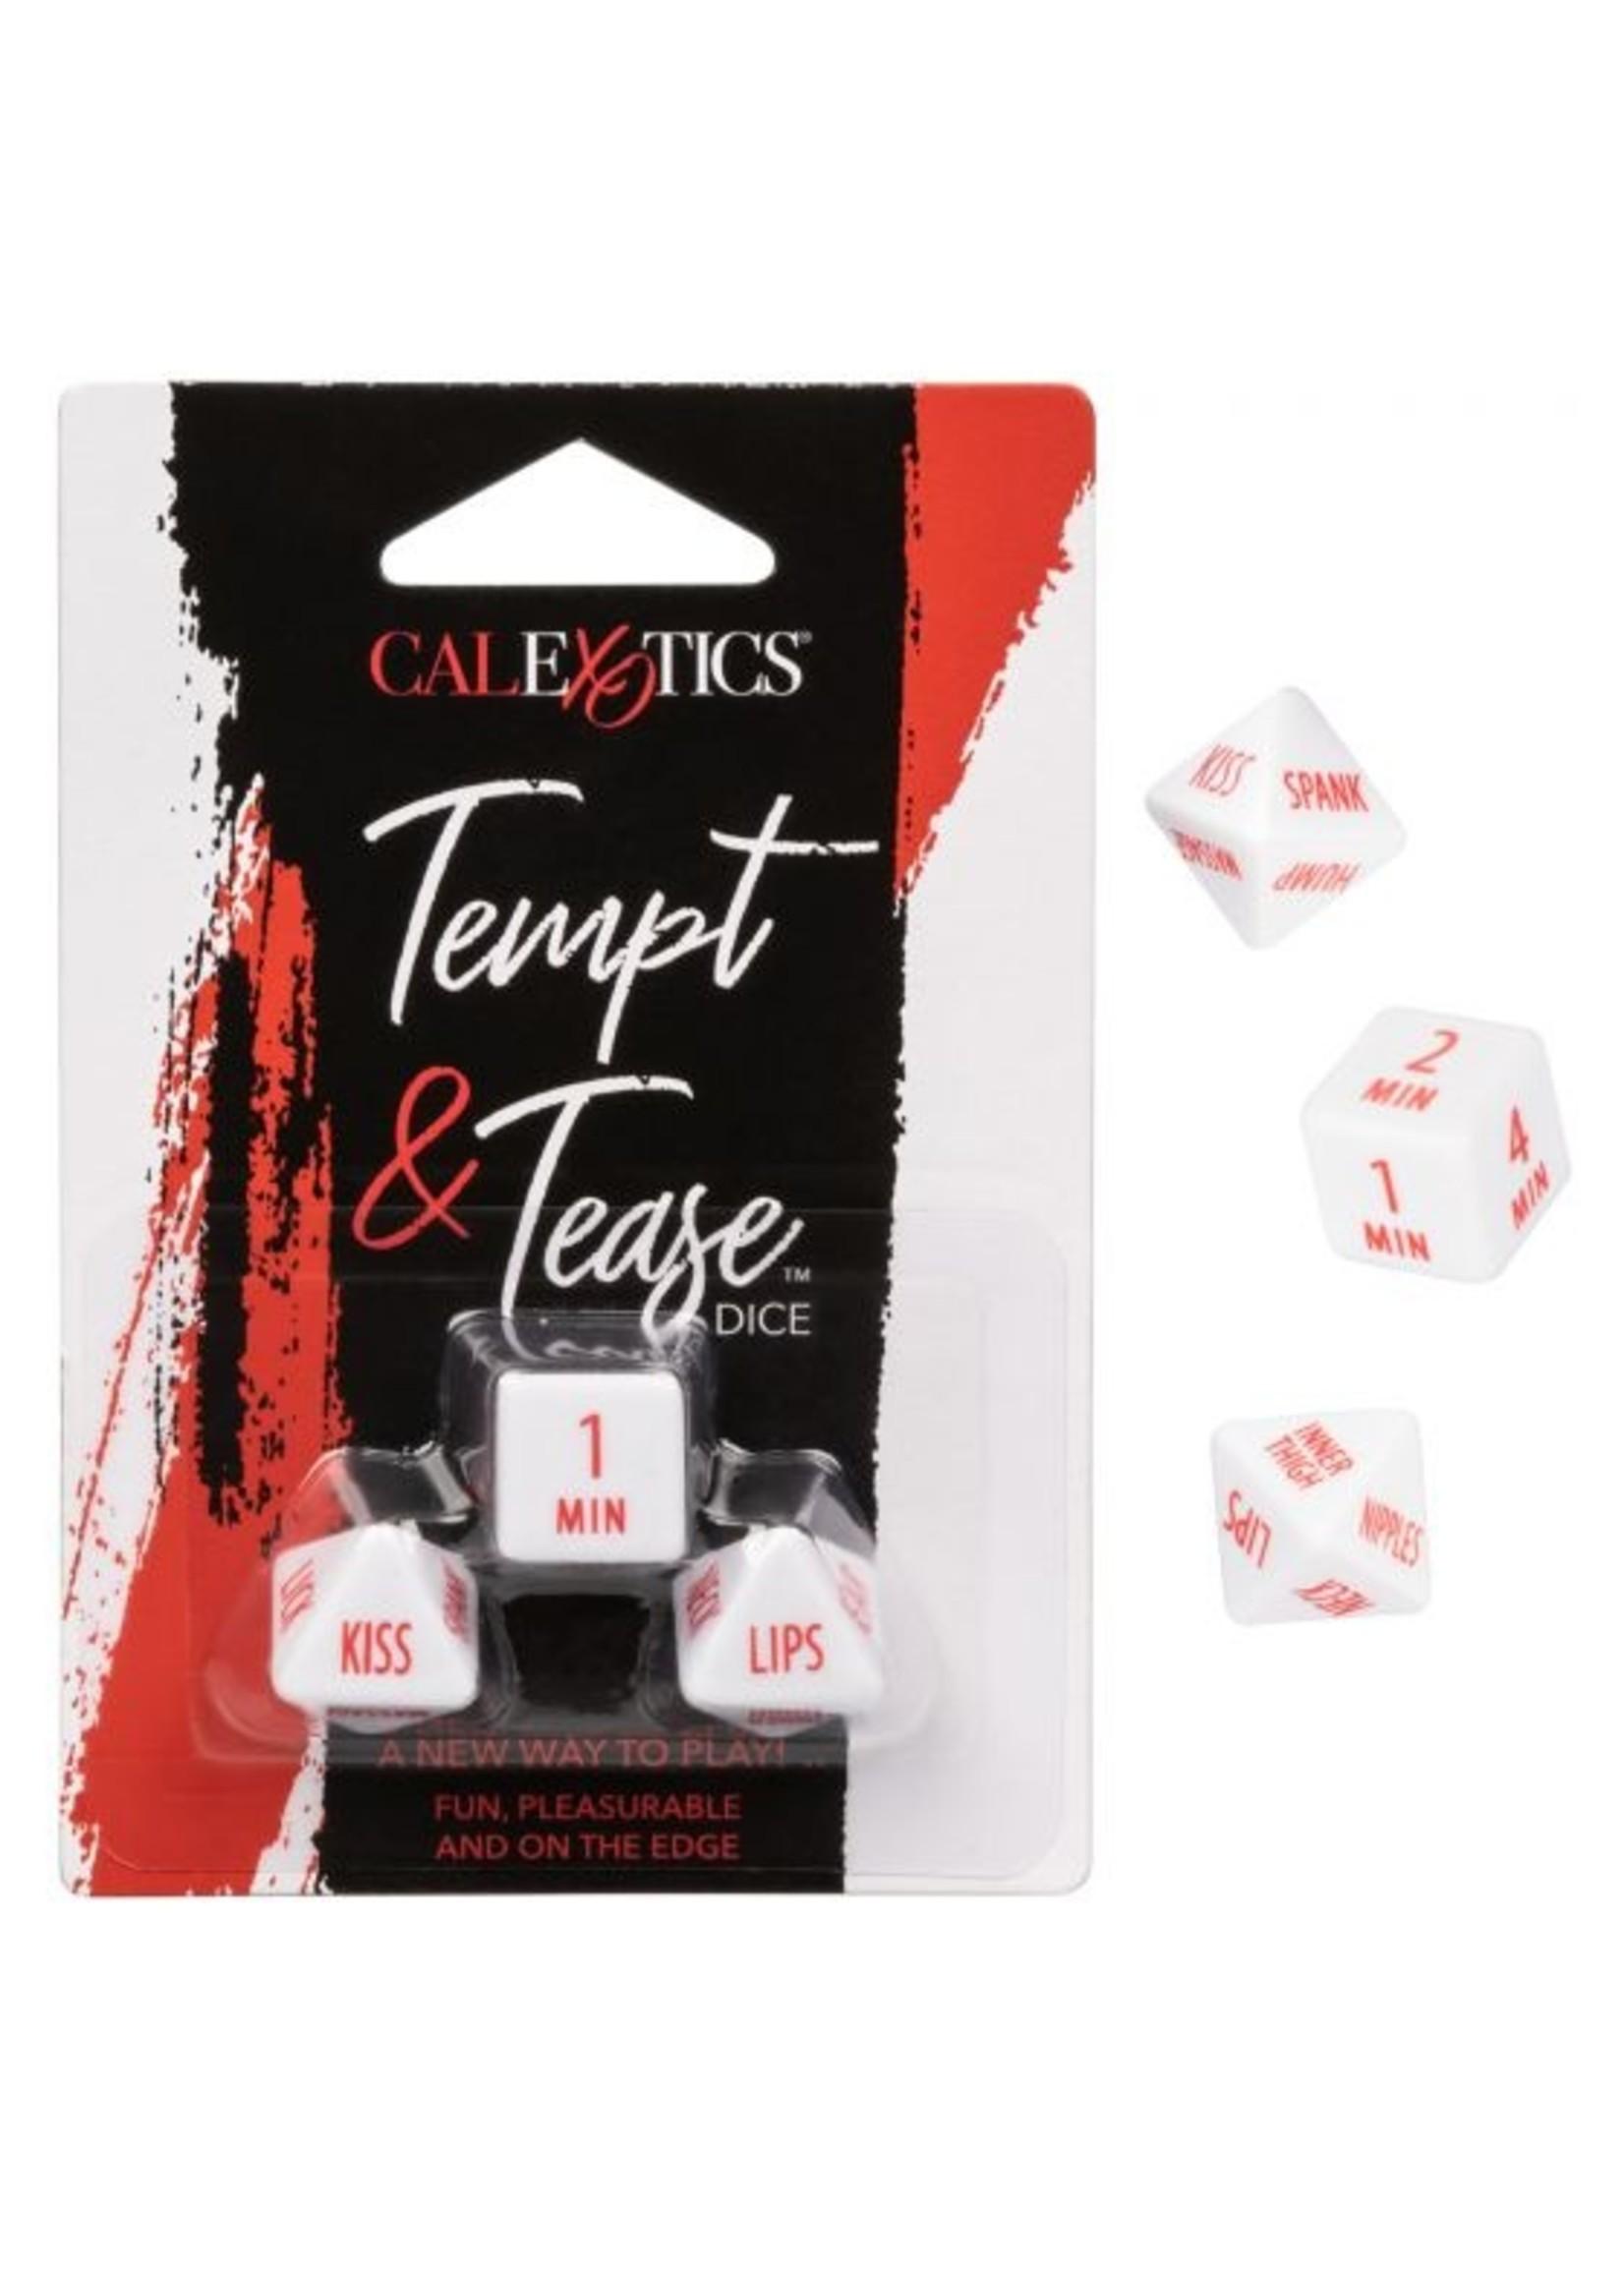 Tempt & Tease Dice